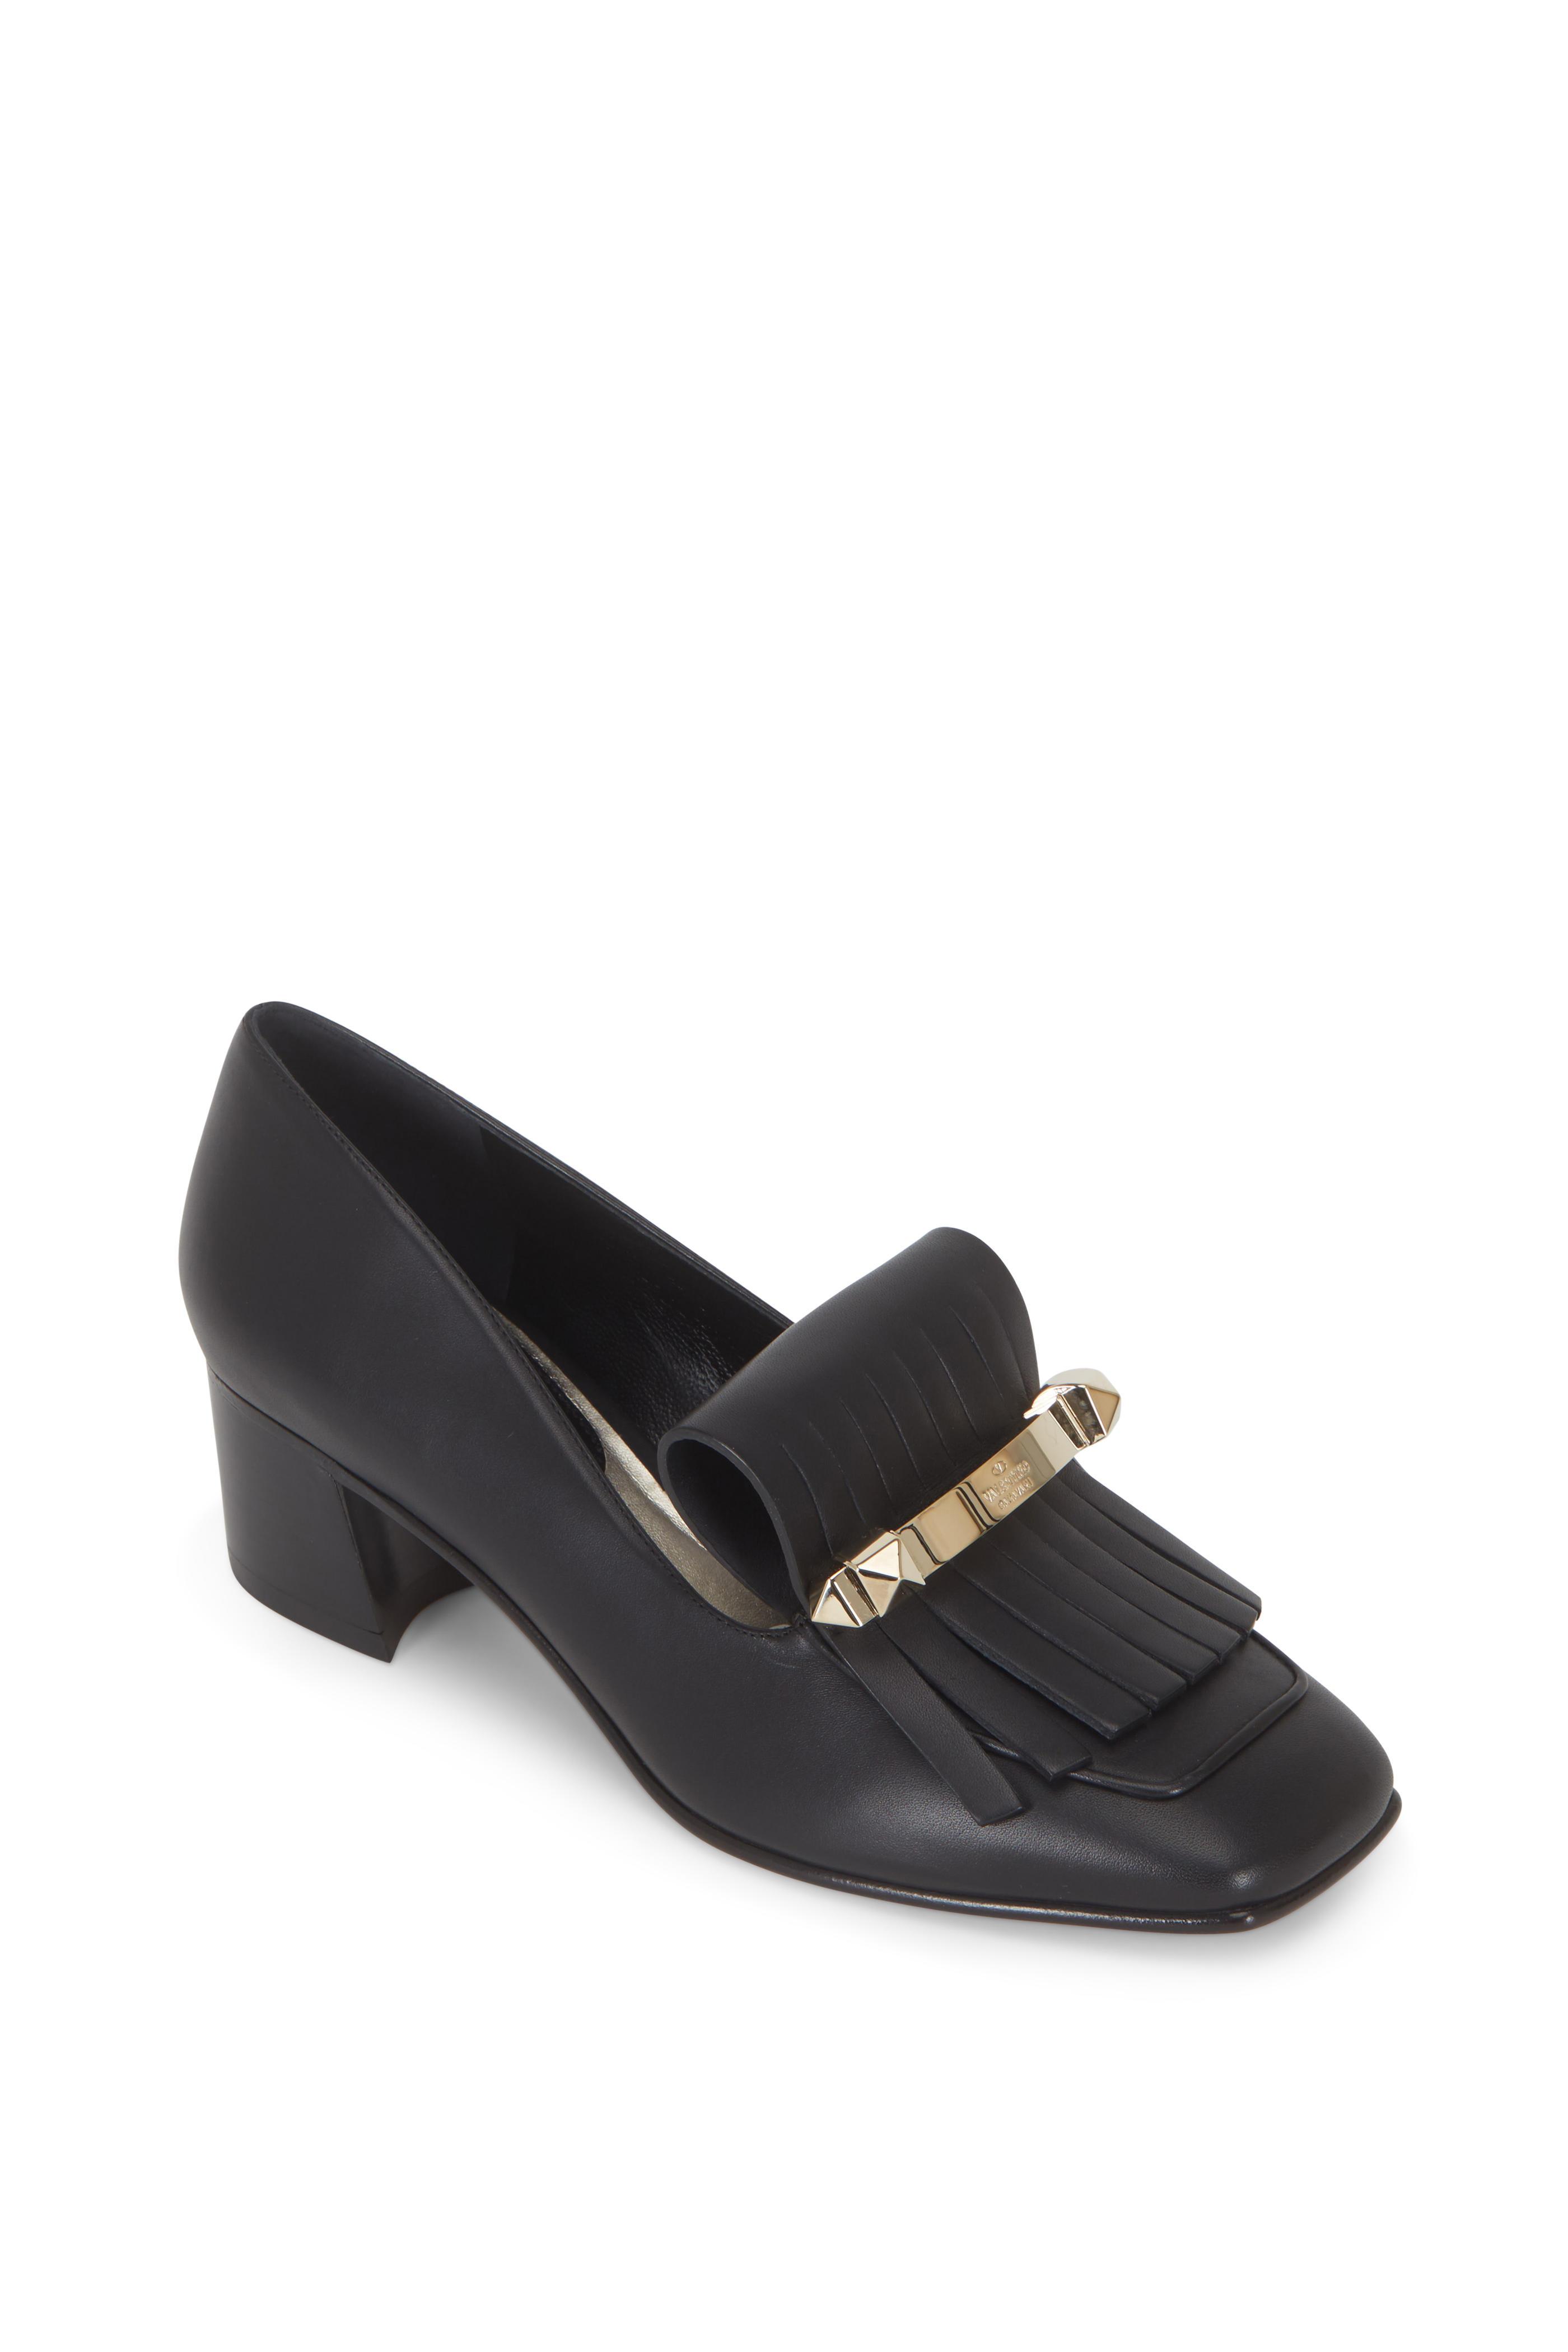 3c63739577233 Valentino Garavani - Uptown Black Leather Kiltie Loafer, 45mm ...